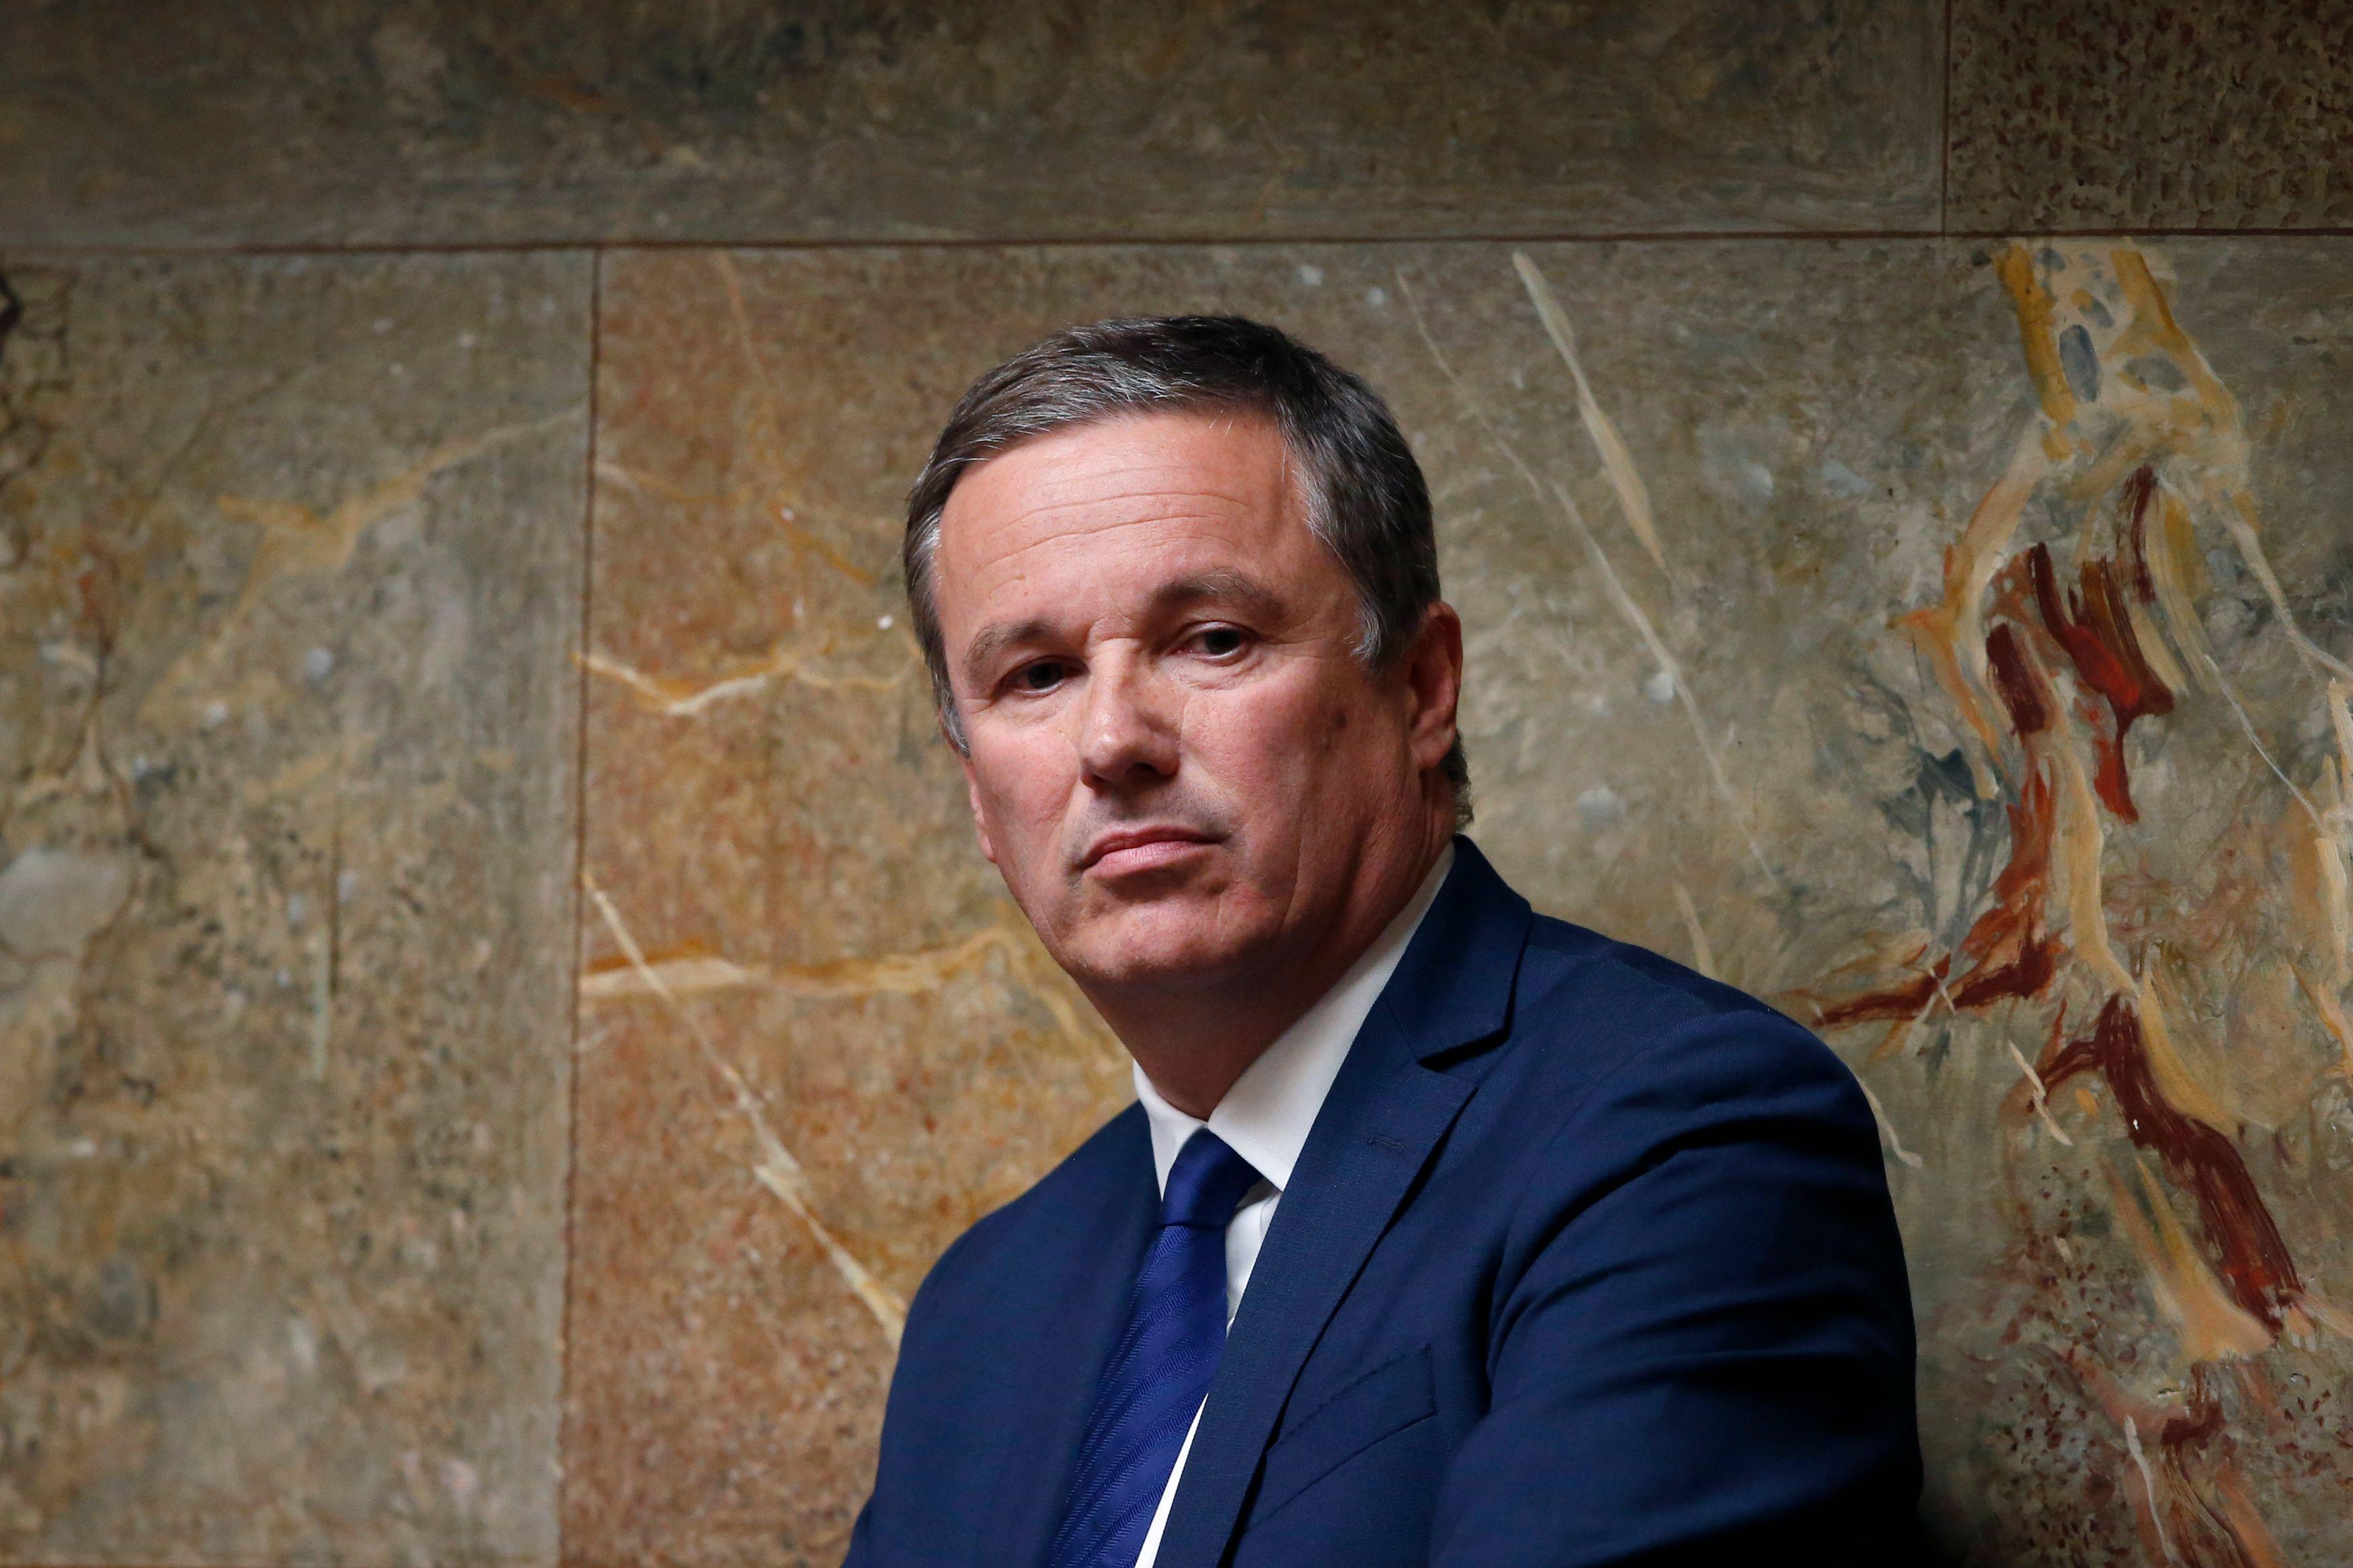 """Nicolas Dupont-Aignan : """"La """"Calais-isation"""" de la France est imminente, l'accepter est irresponsable et dangereux. Cette dispersion risque de provoquer un gigantesque appel d'air."""""""